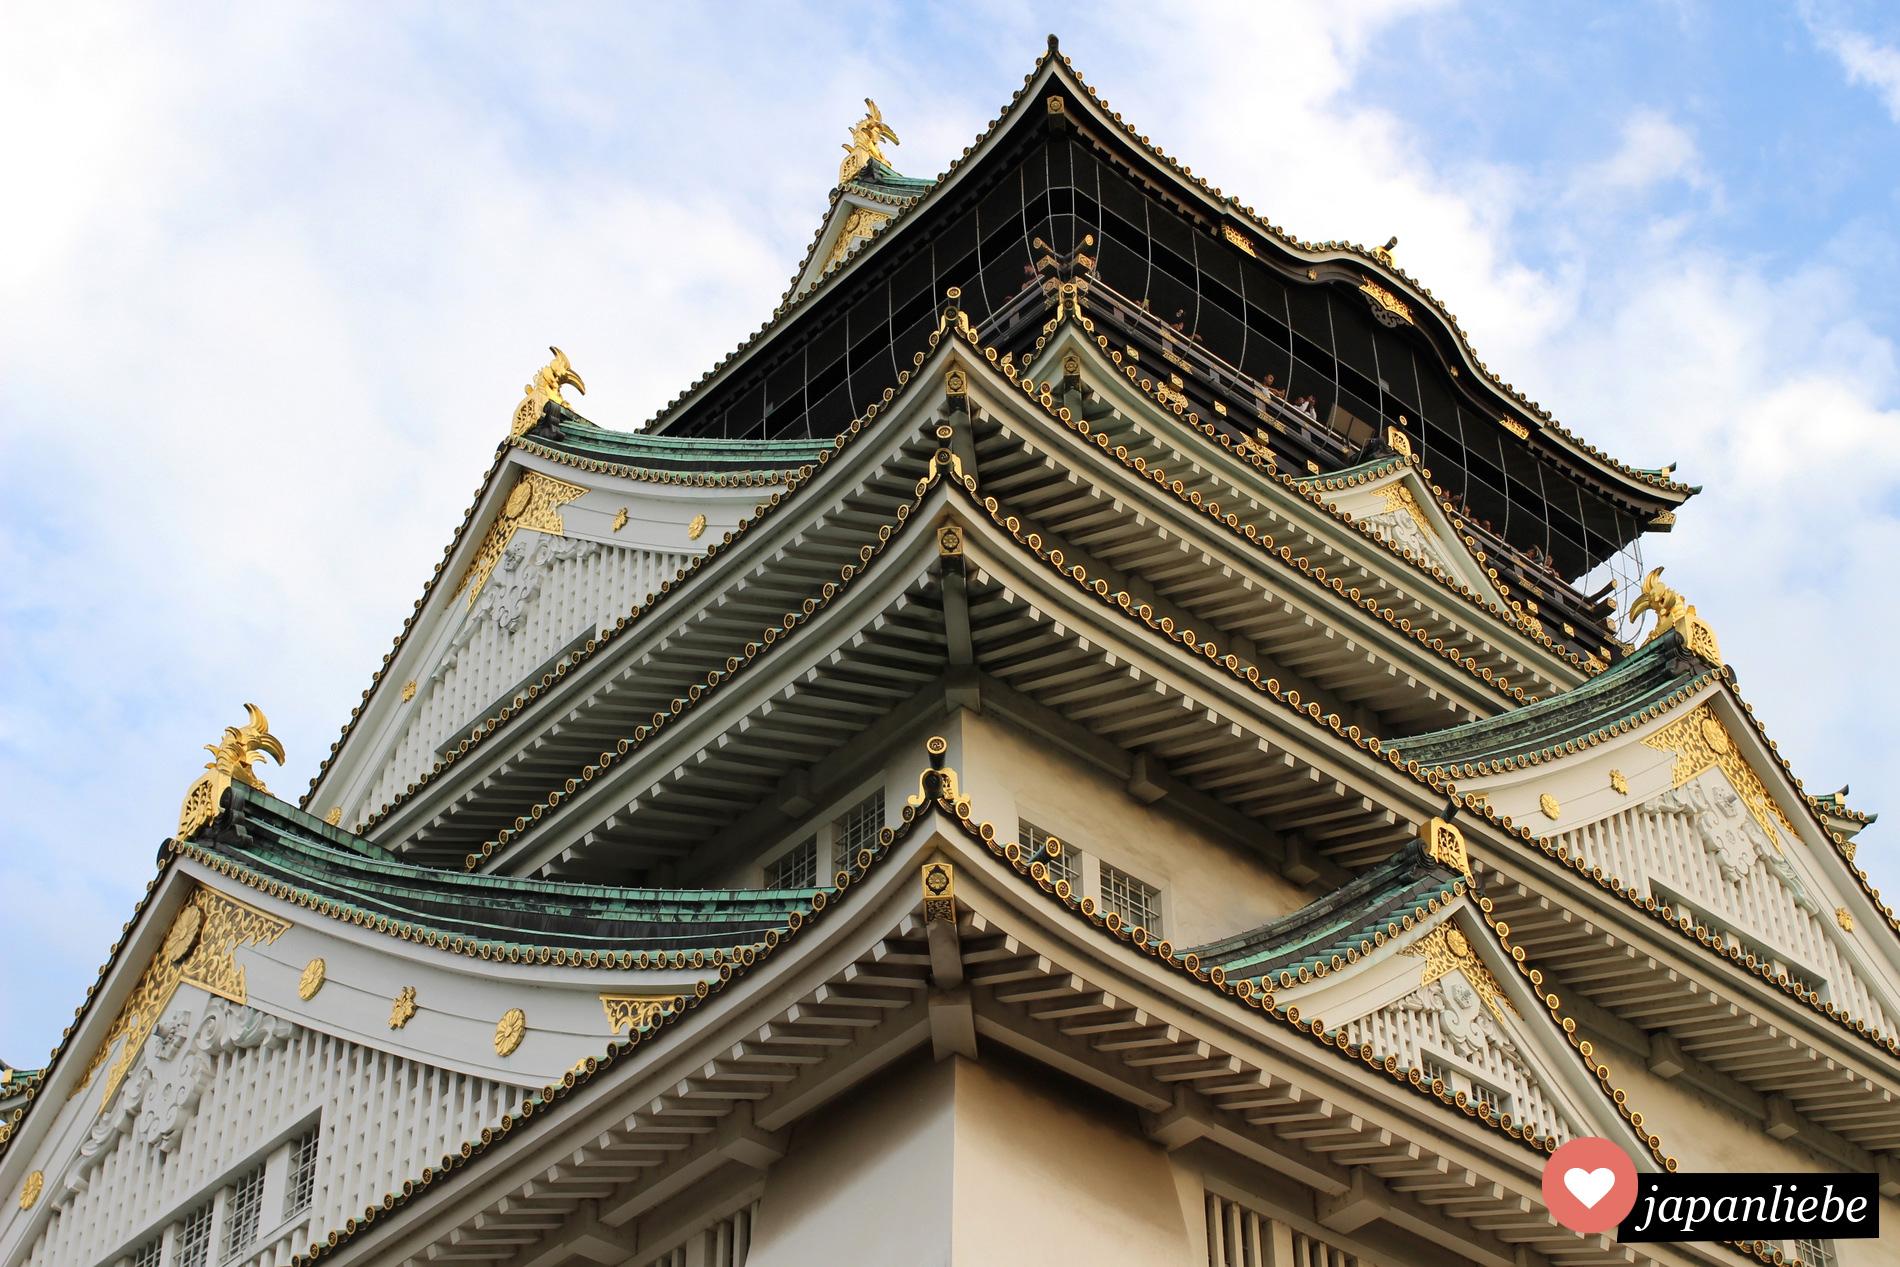 Die Burg von Osaka, Japan.